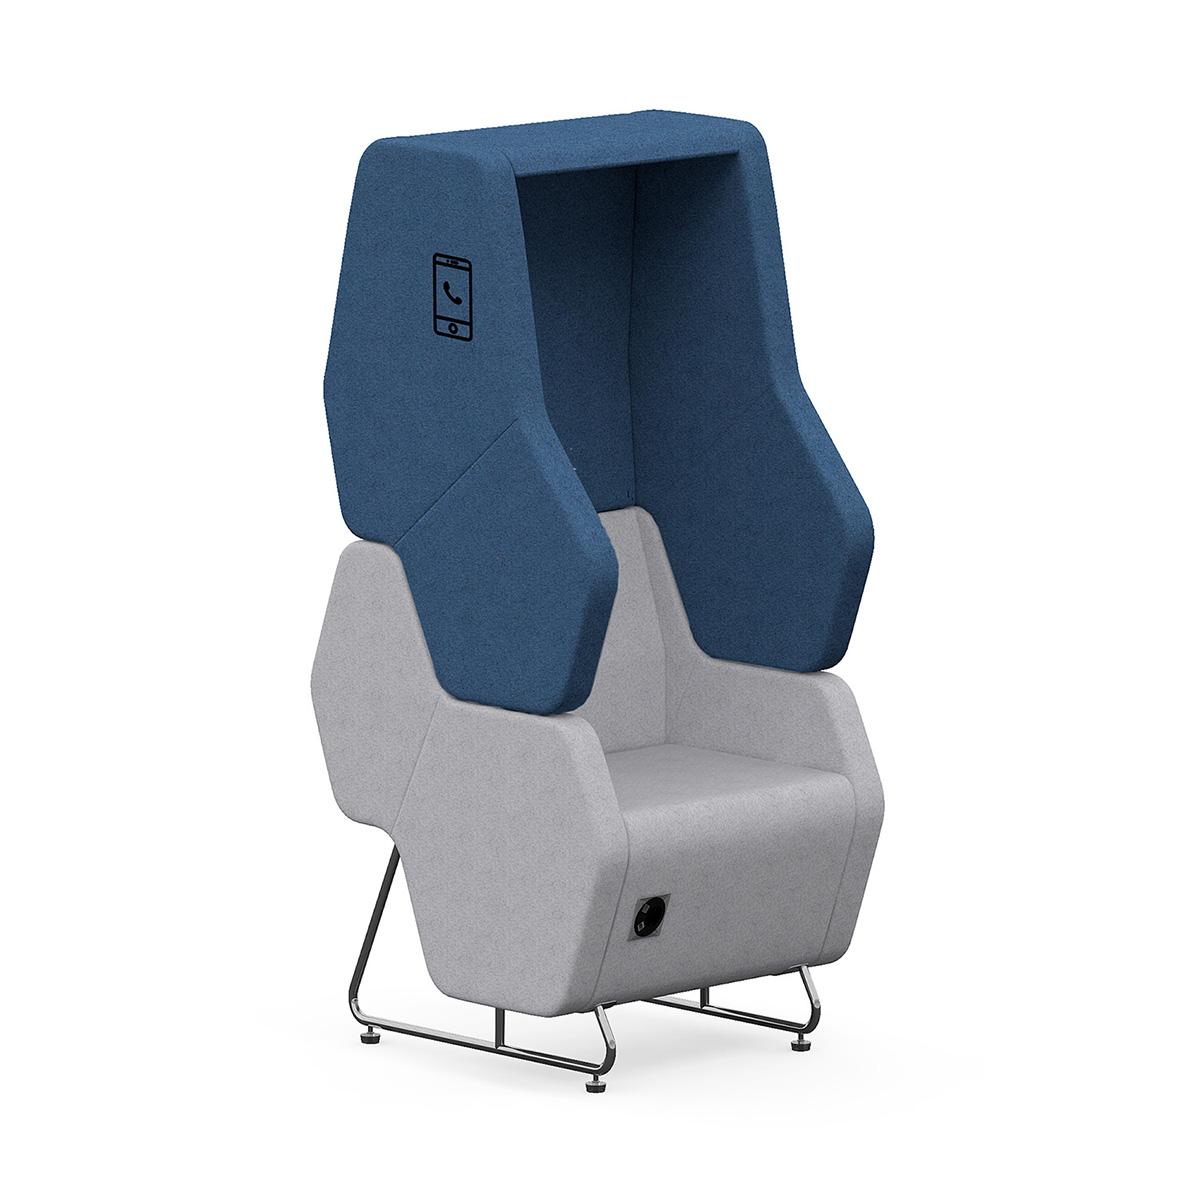 Fotel do rozmów telefonicznych